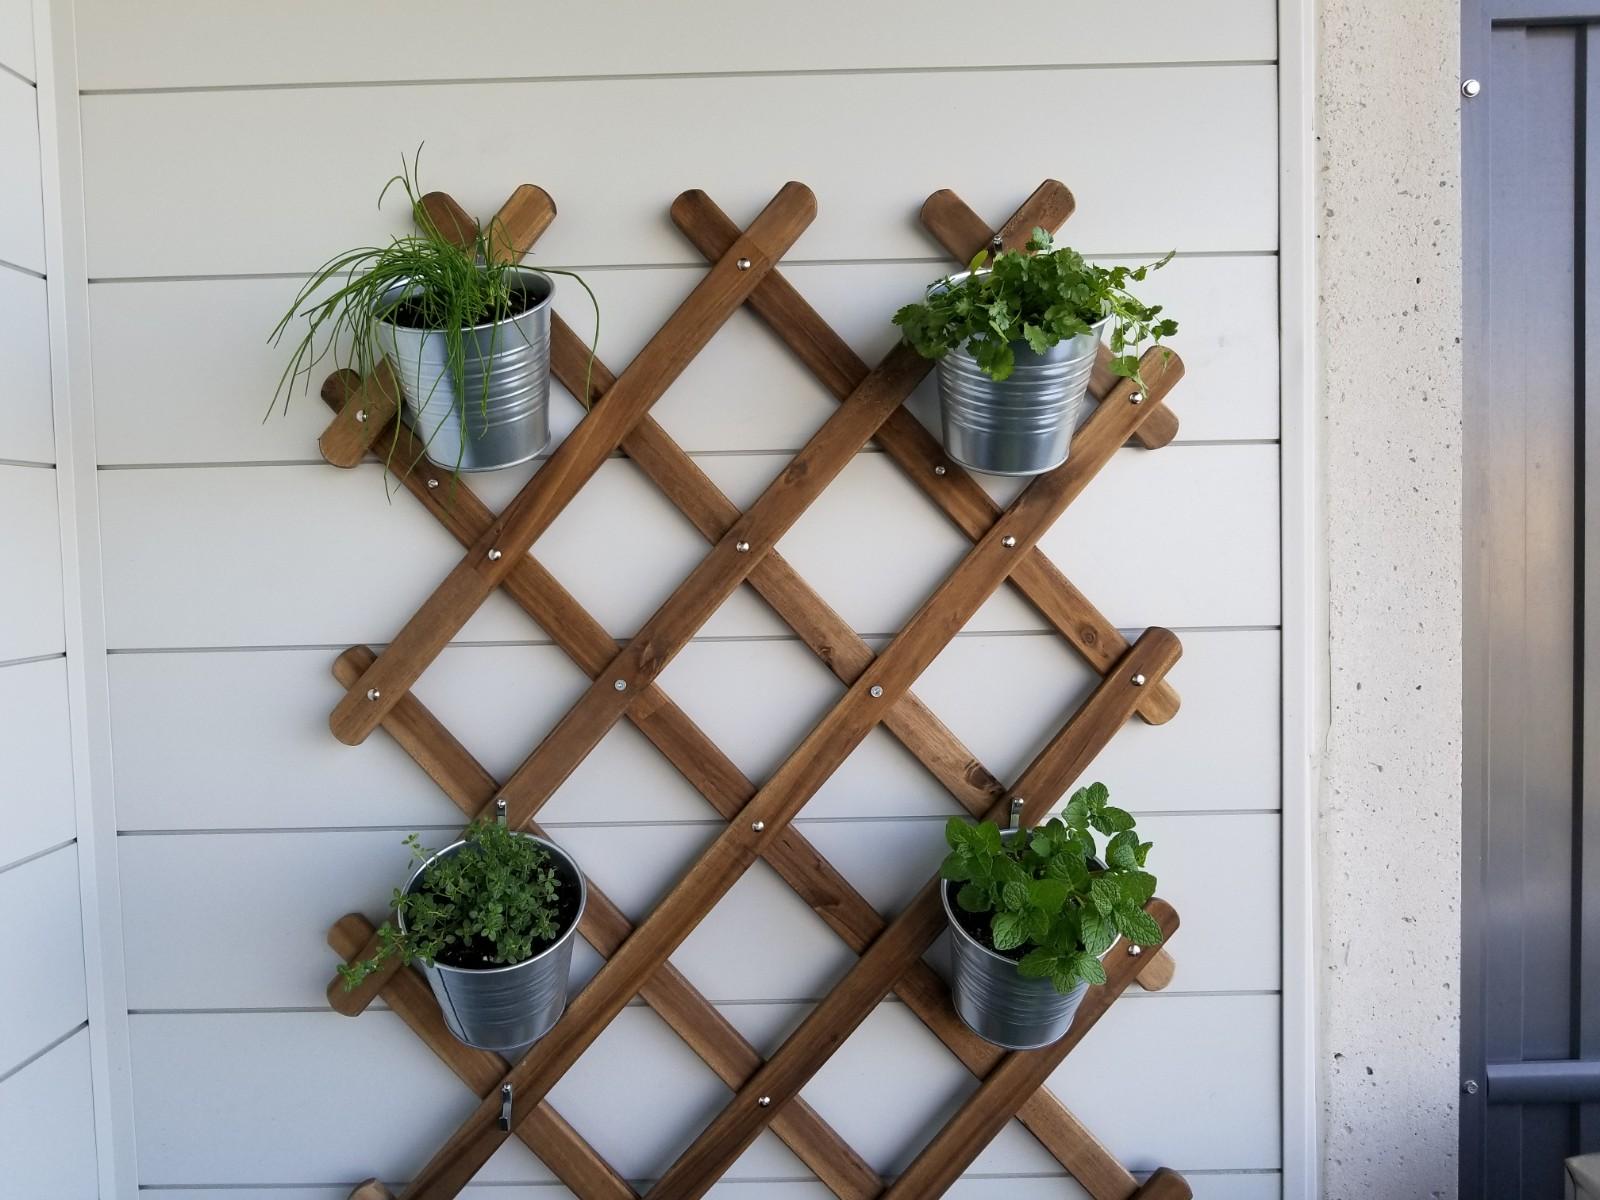 Balcony garden herbs